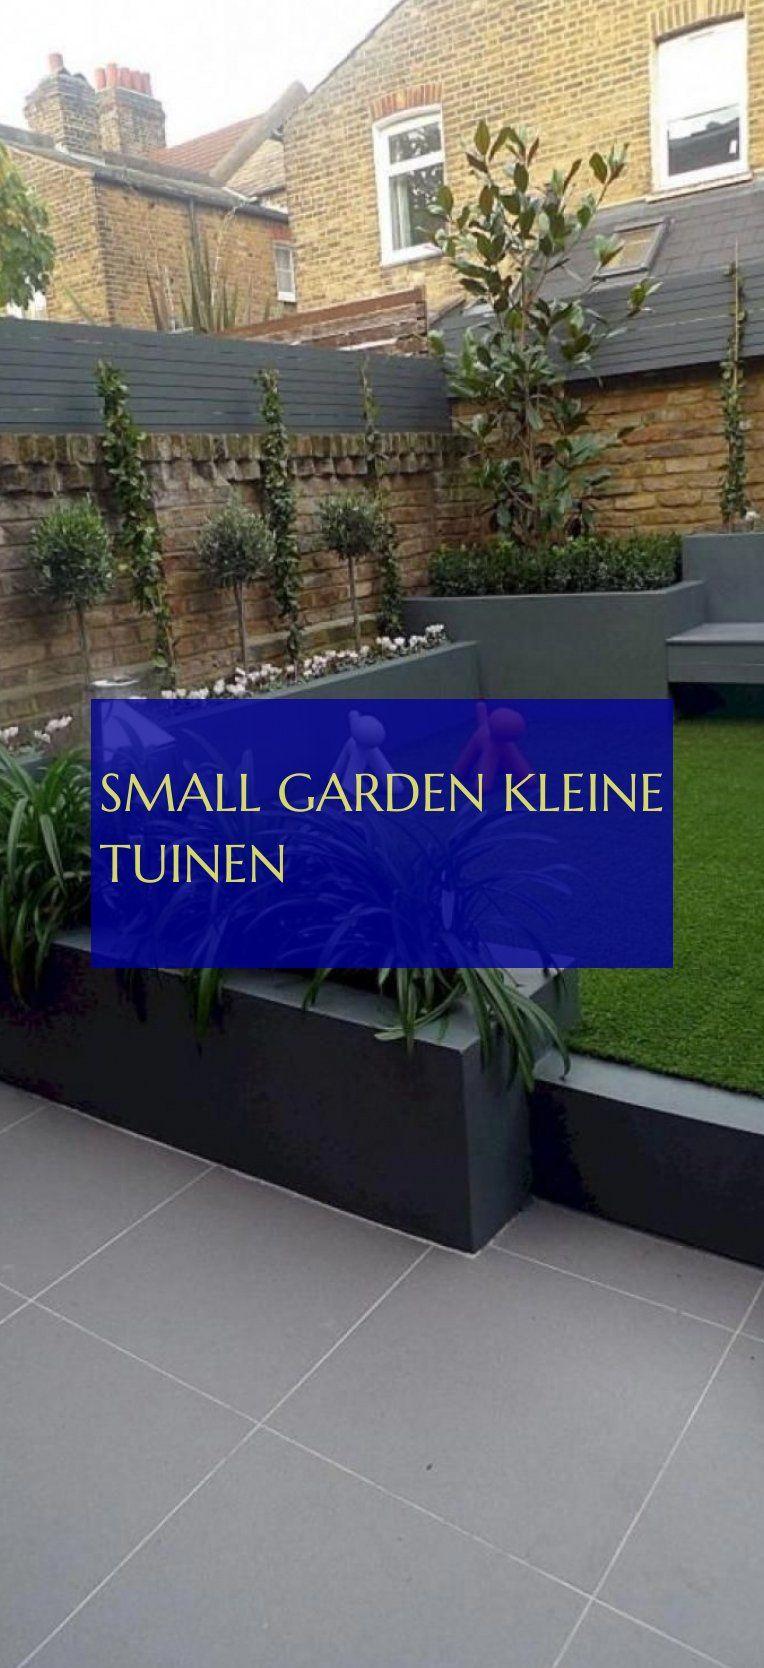 small garden Kleine Tuinen